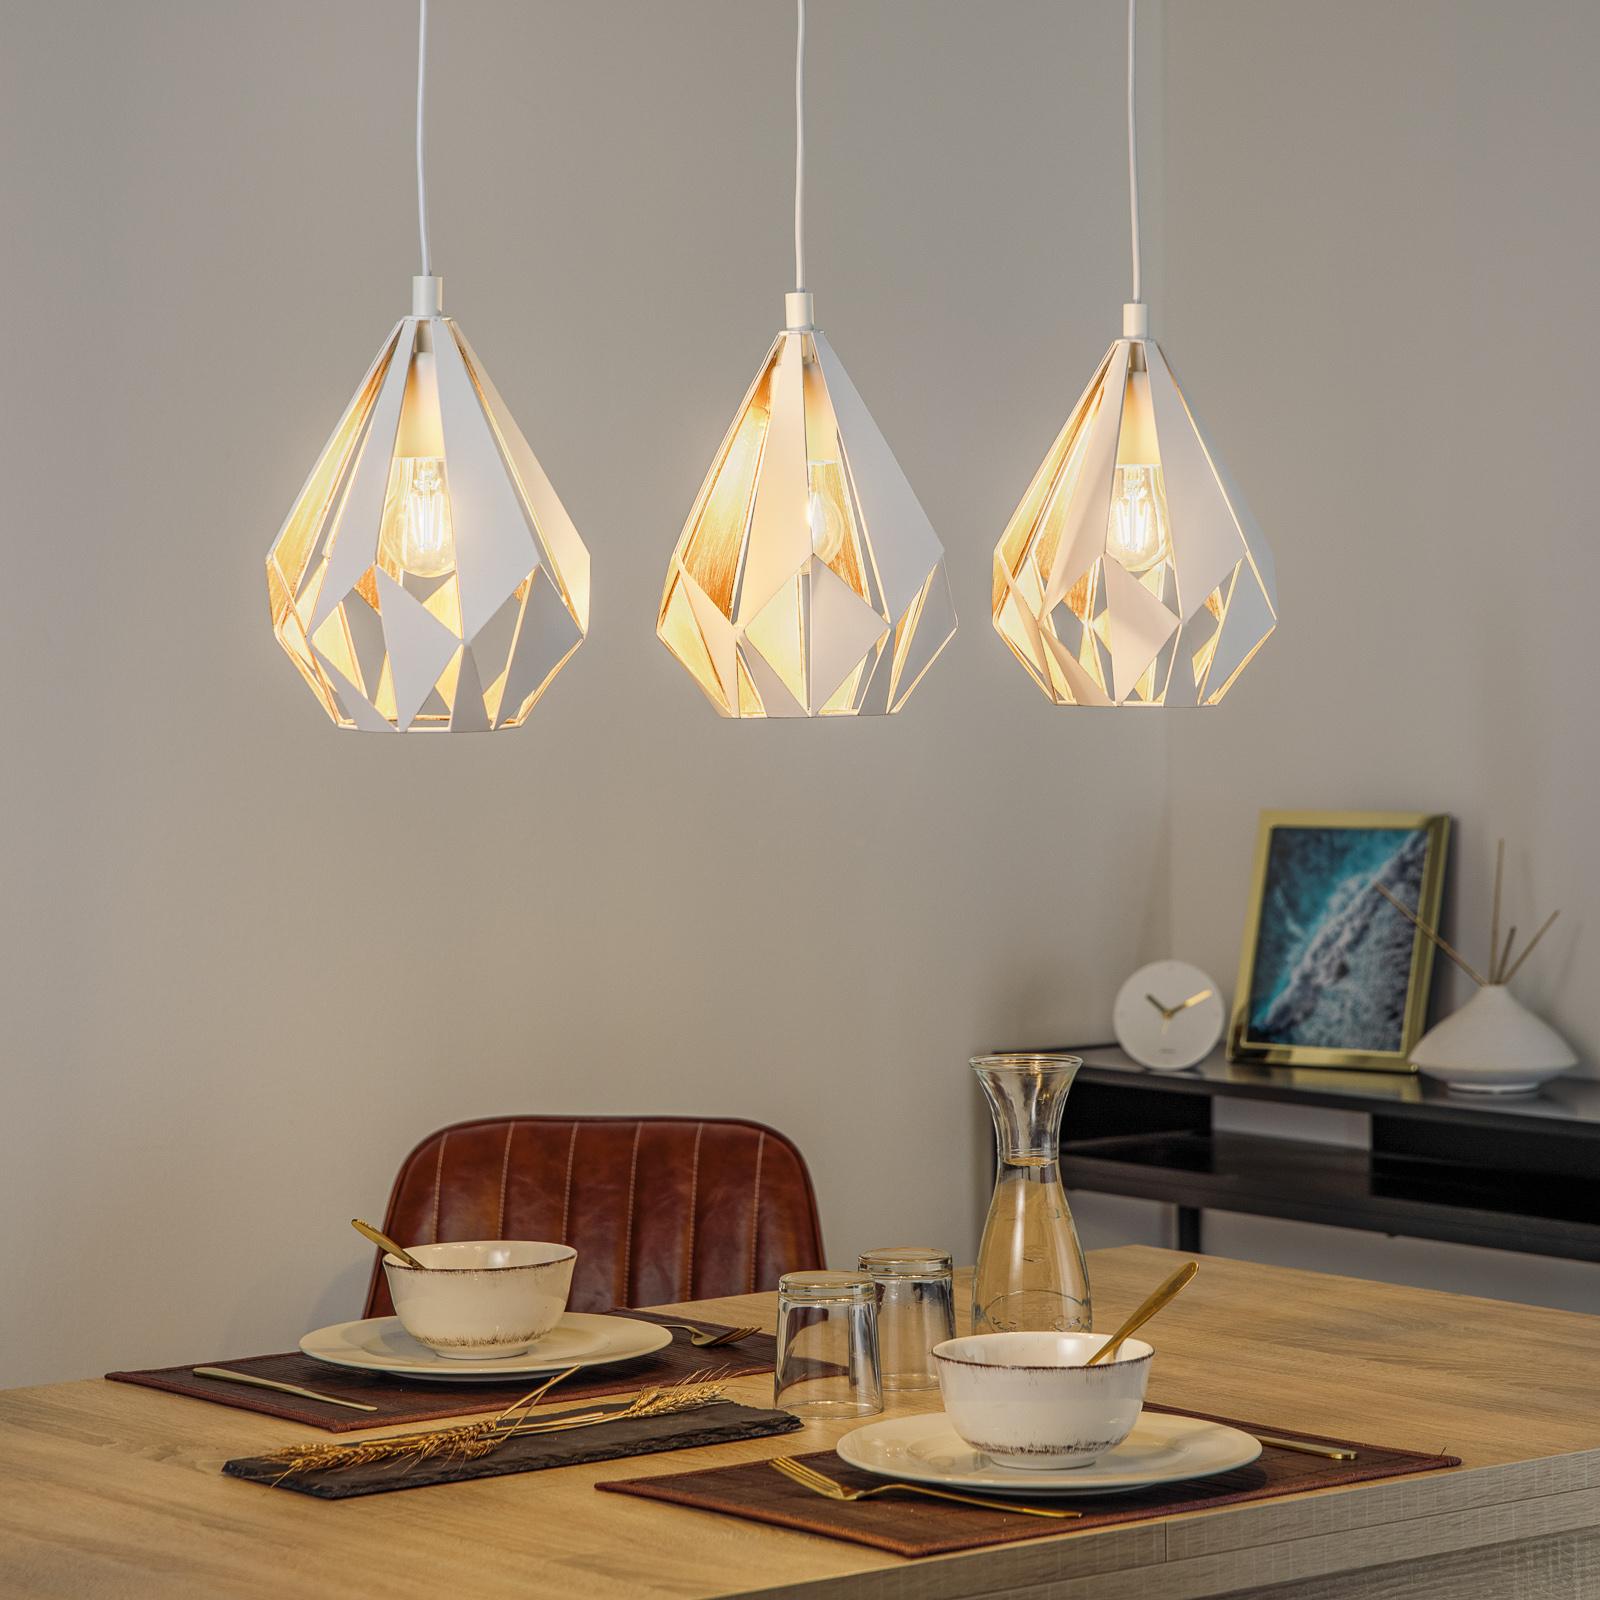 Lámpara colgante Carlton 1, 3 luces, blanco-dorado